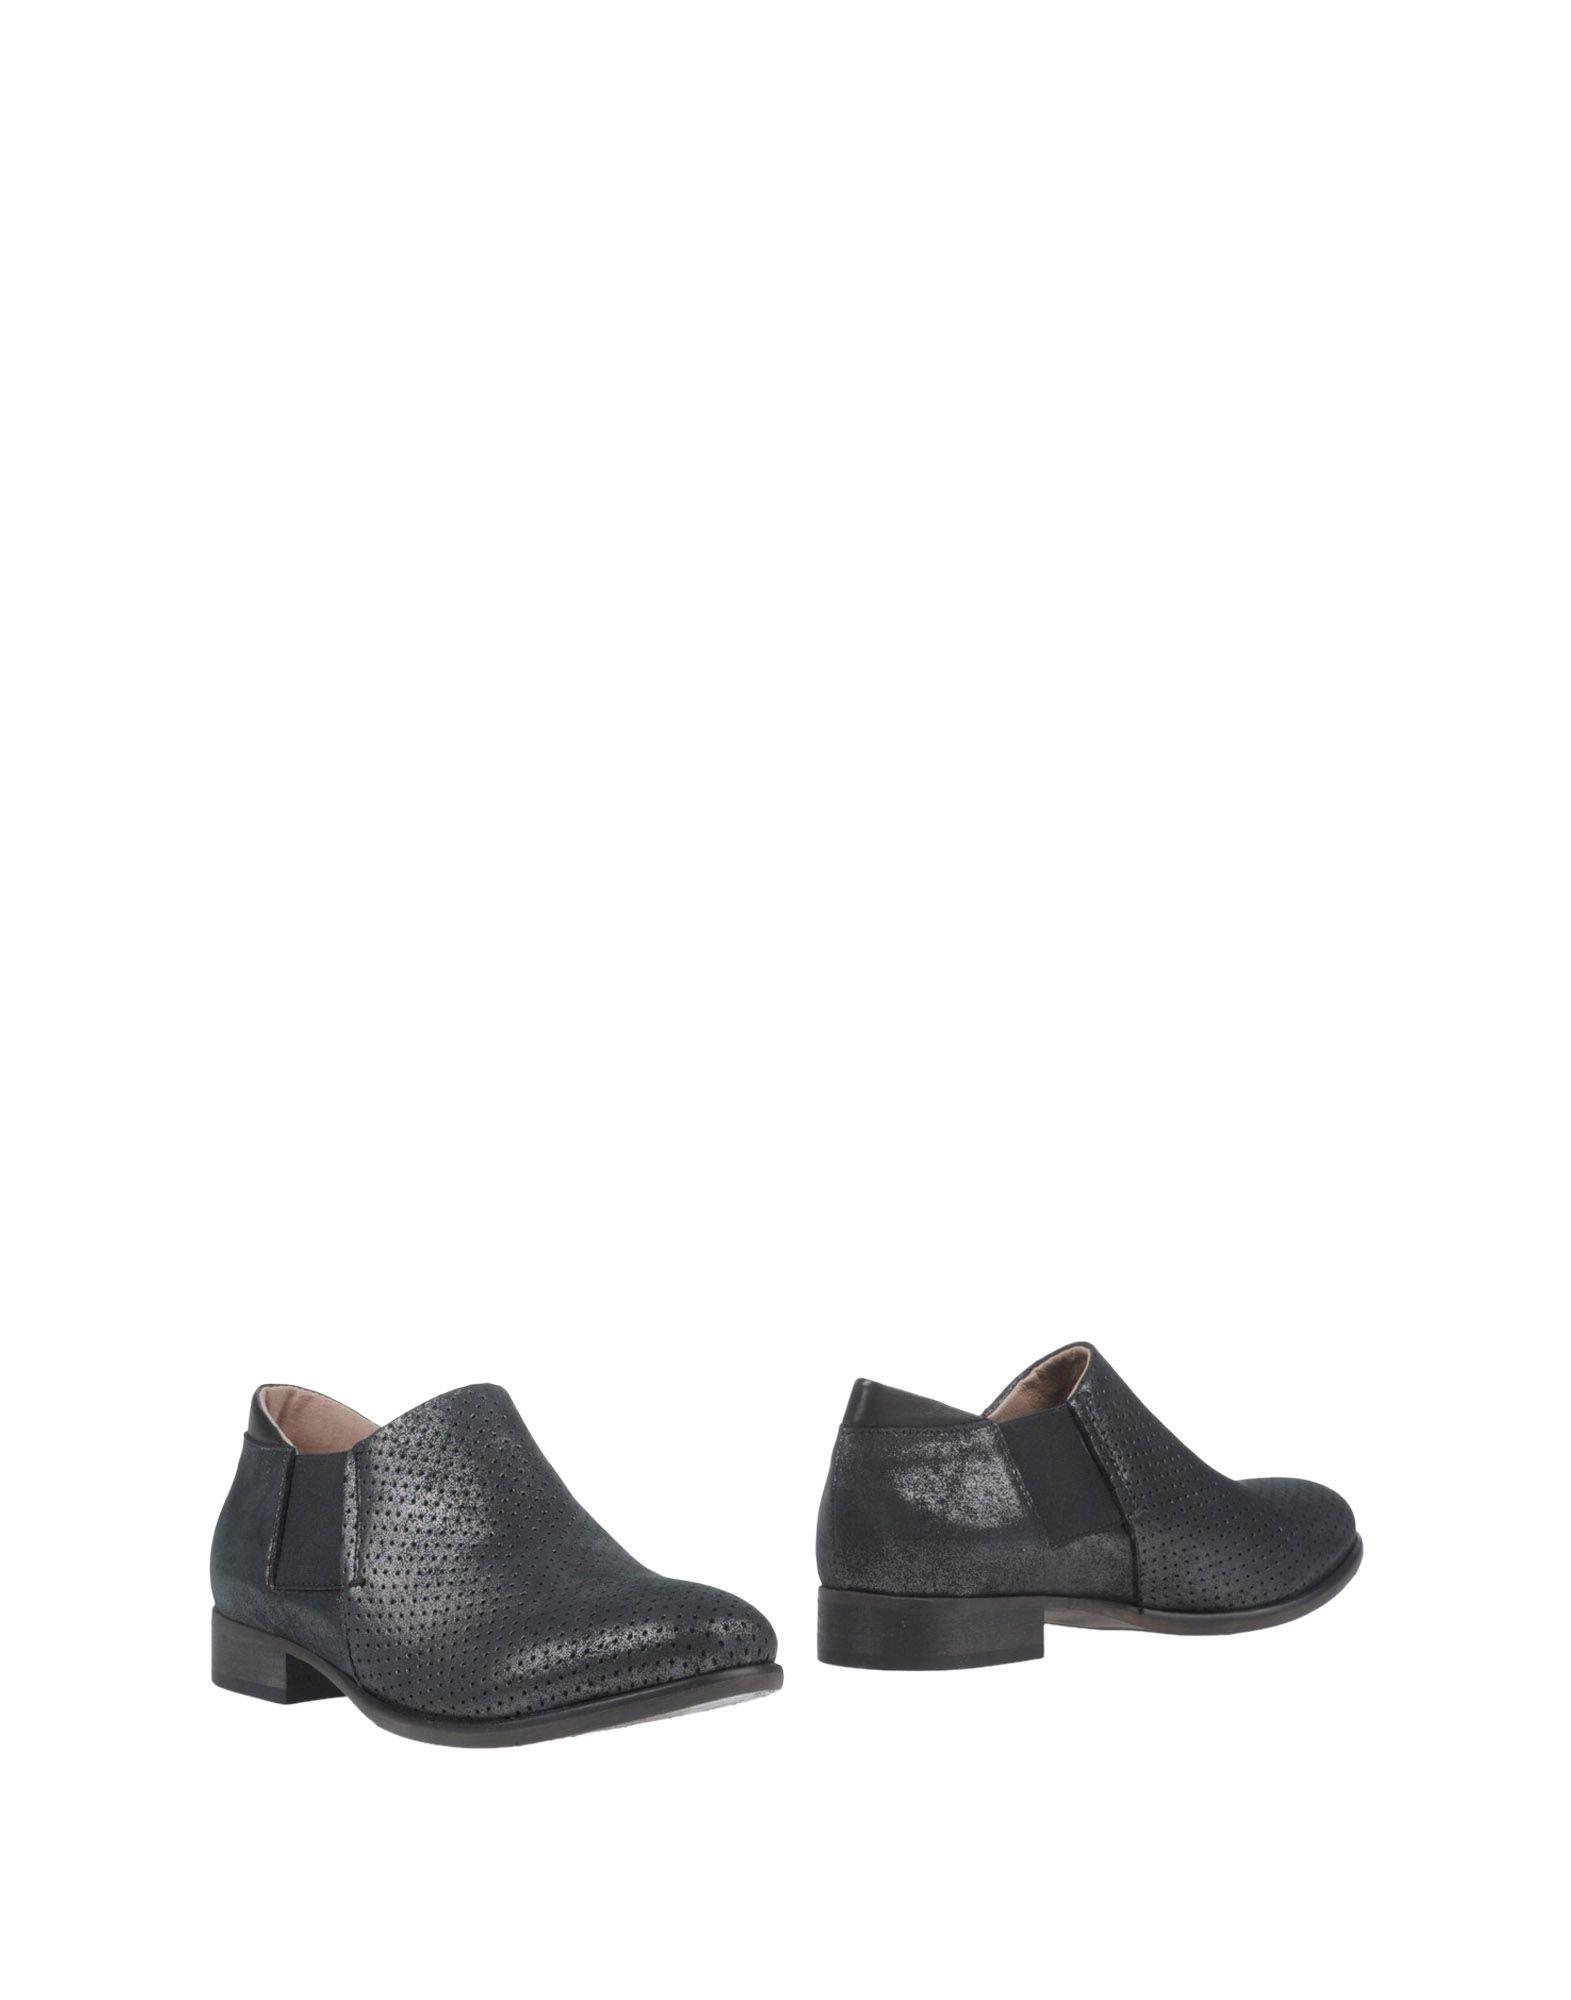 Mally Stiefelette Damen  11375634NX Gute Qualität Qualität Gute beliebte Schuhe 675671